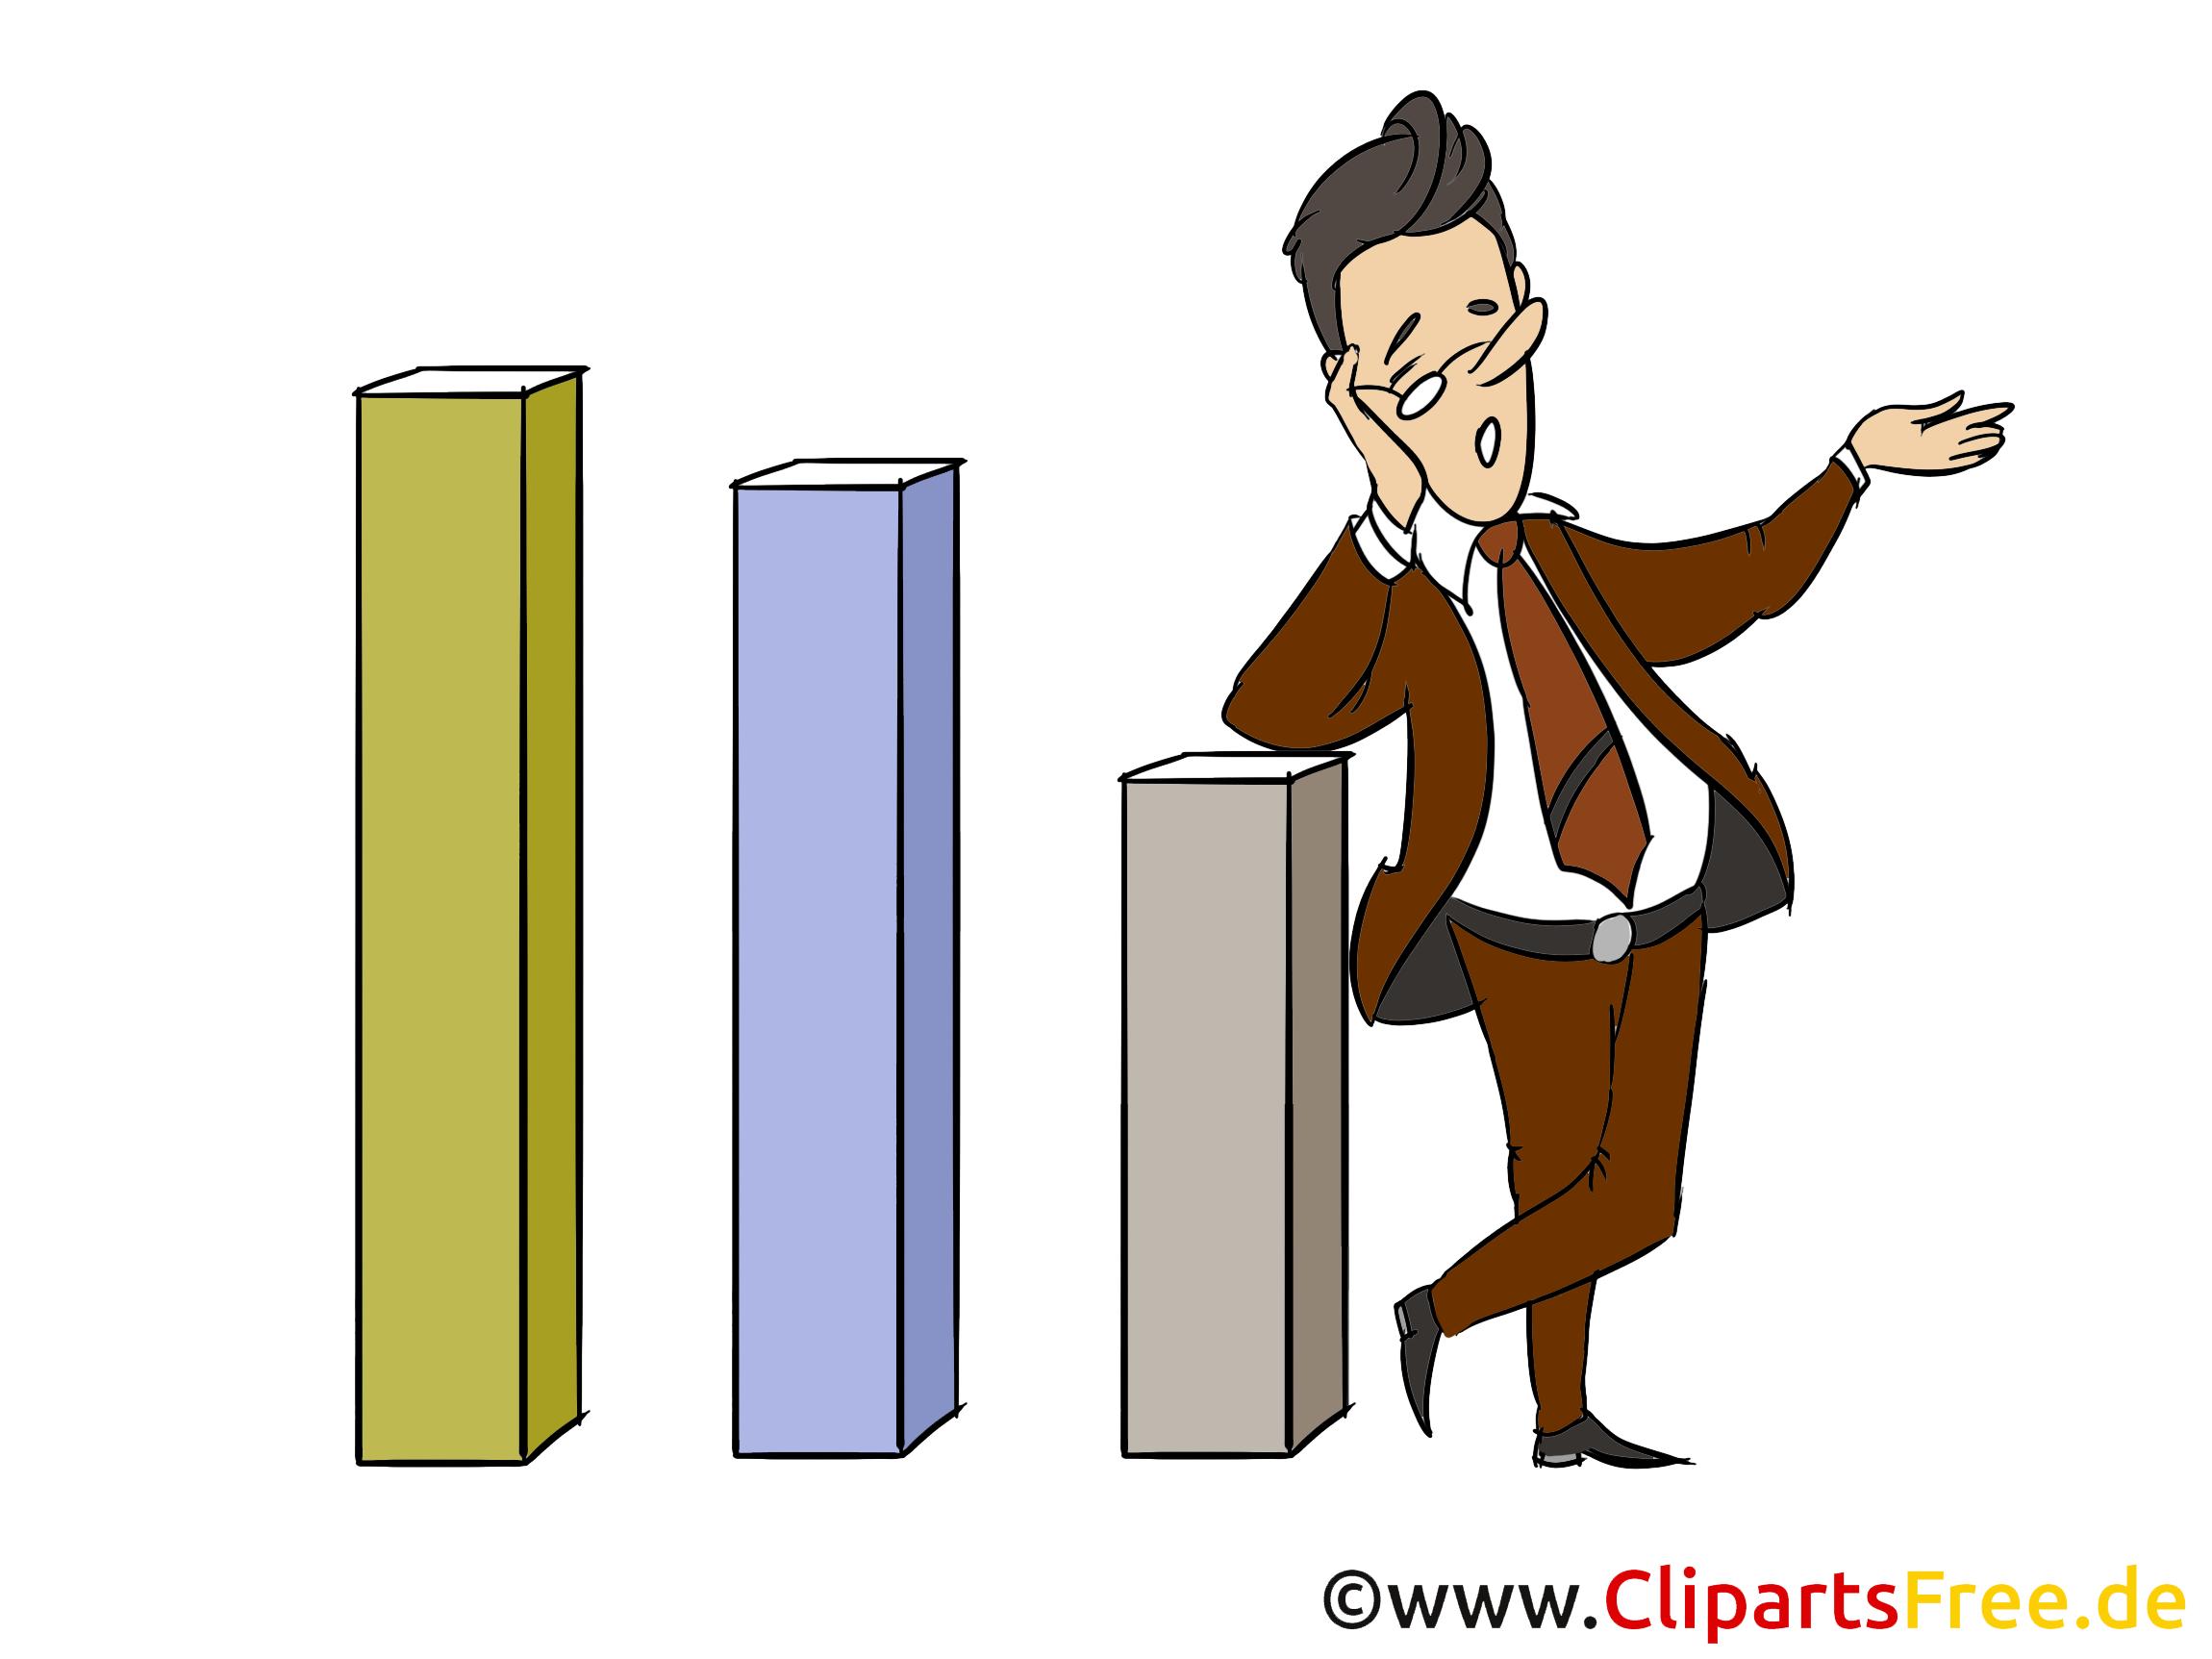 Manager Bild, Clipart, Grafik, Cartoon, Illustration gratis